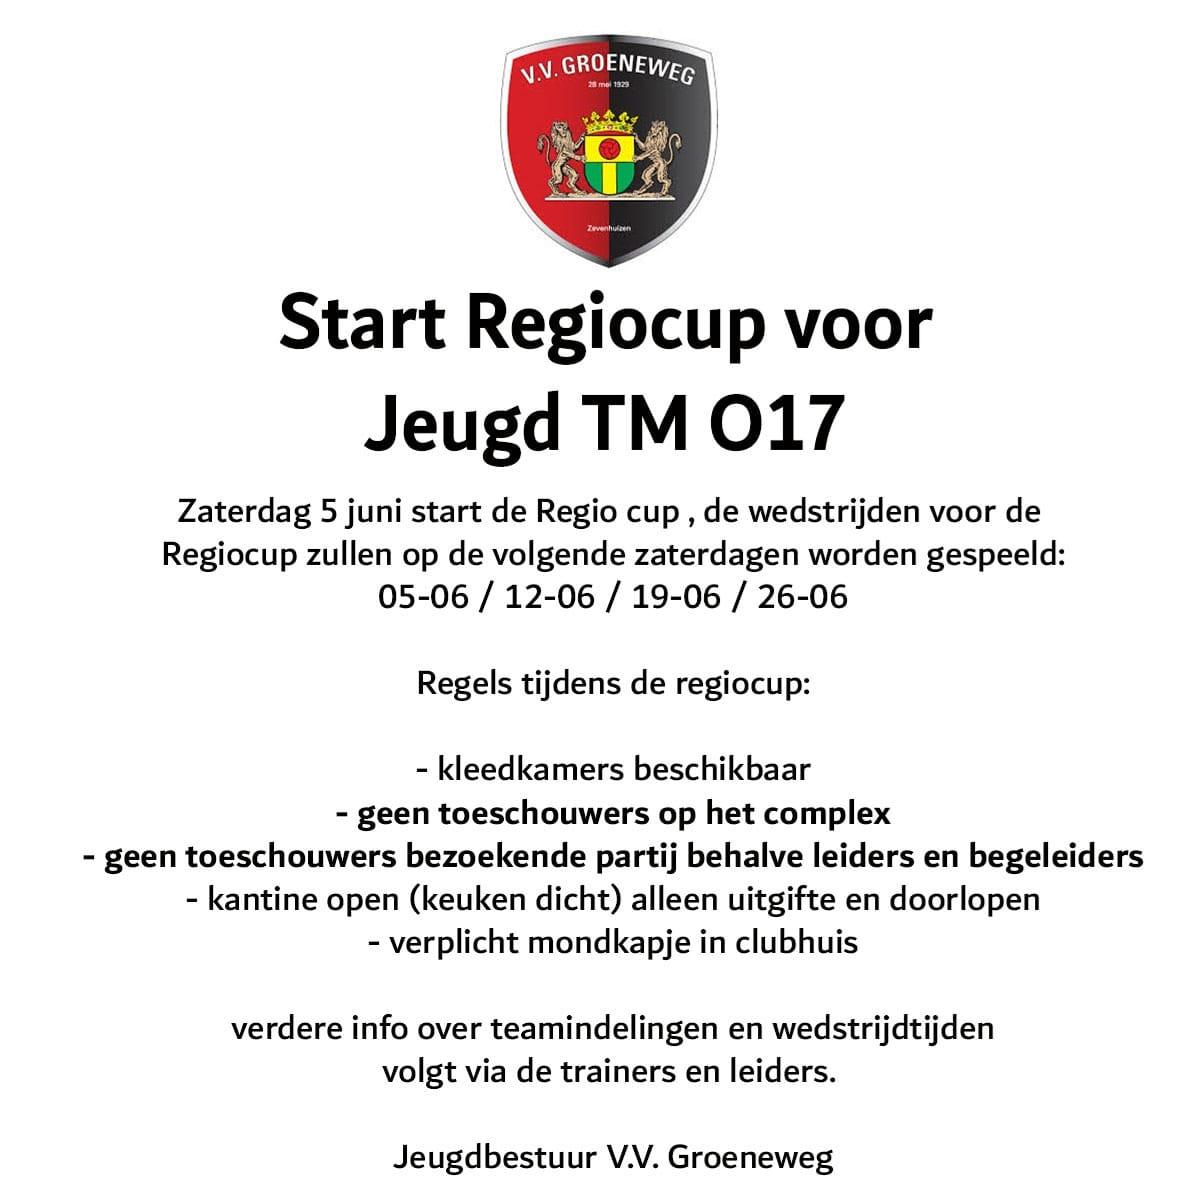 Start Regiocup